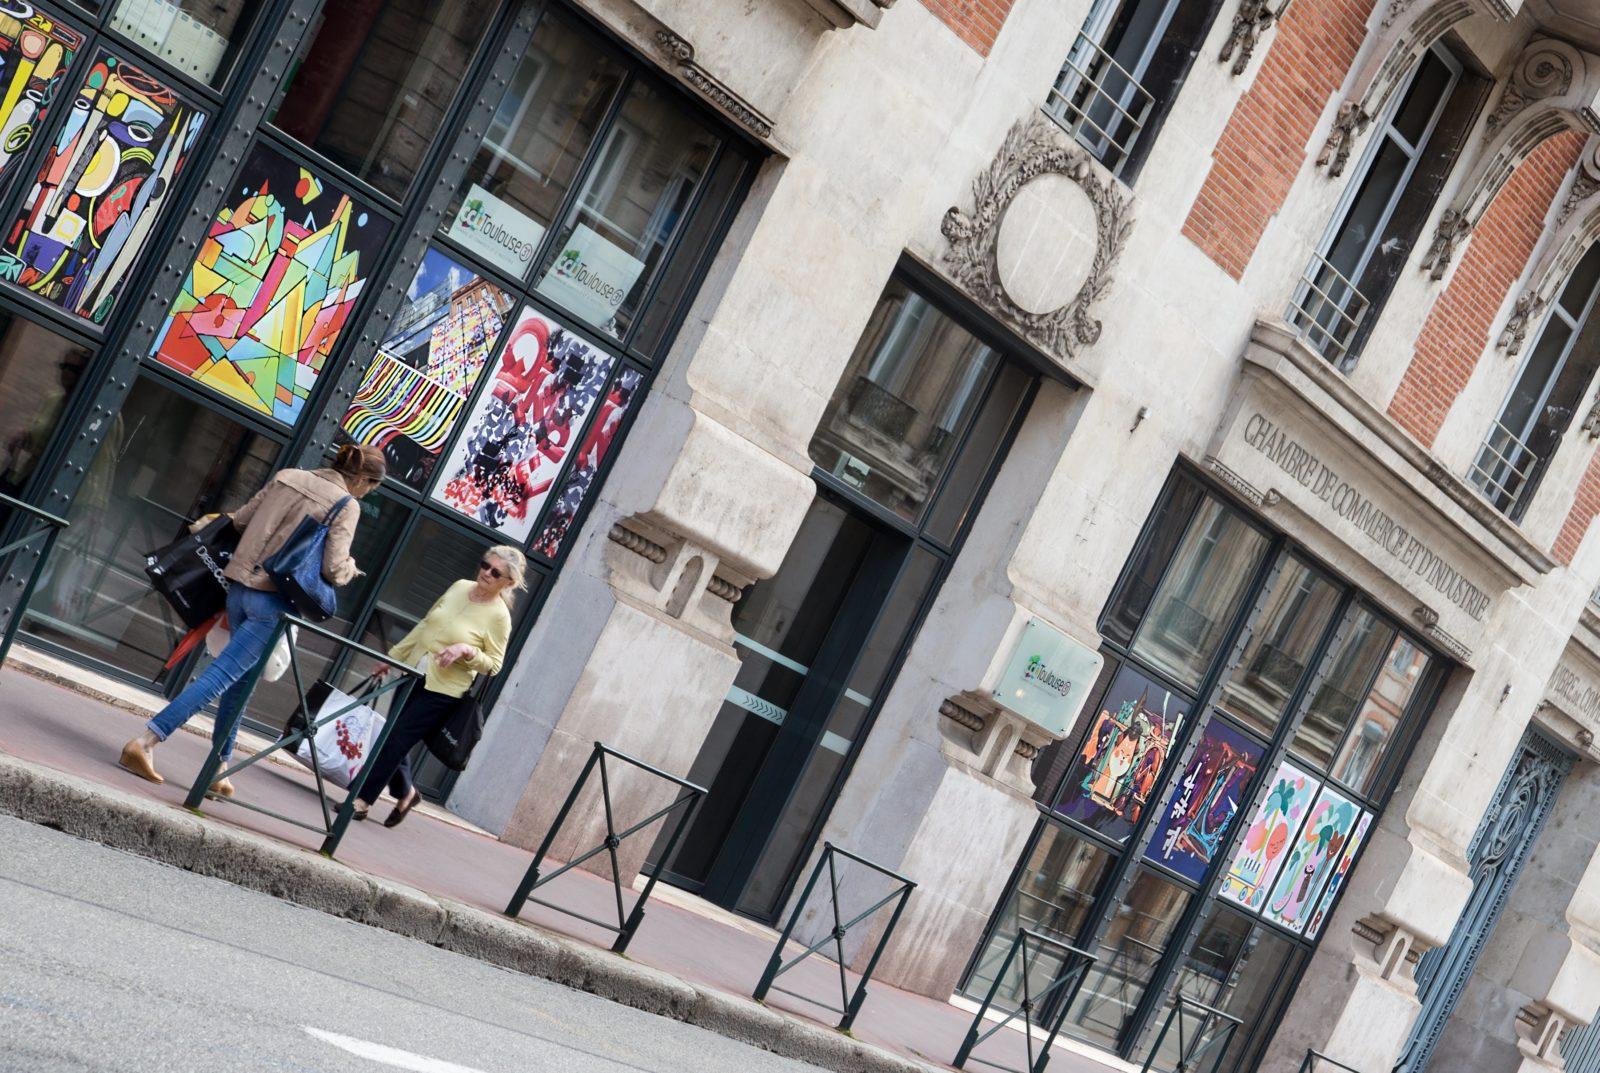 street art festival toulouse 31street oeuvres chambre commerce industrie - #31 street, le festival d'art urbain qui colore la ville rose